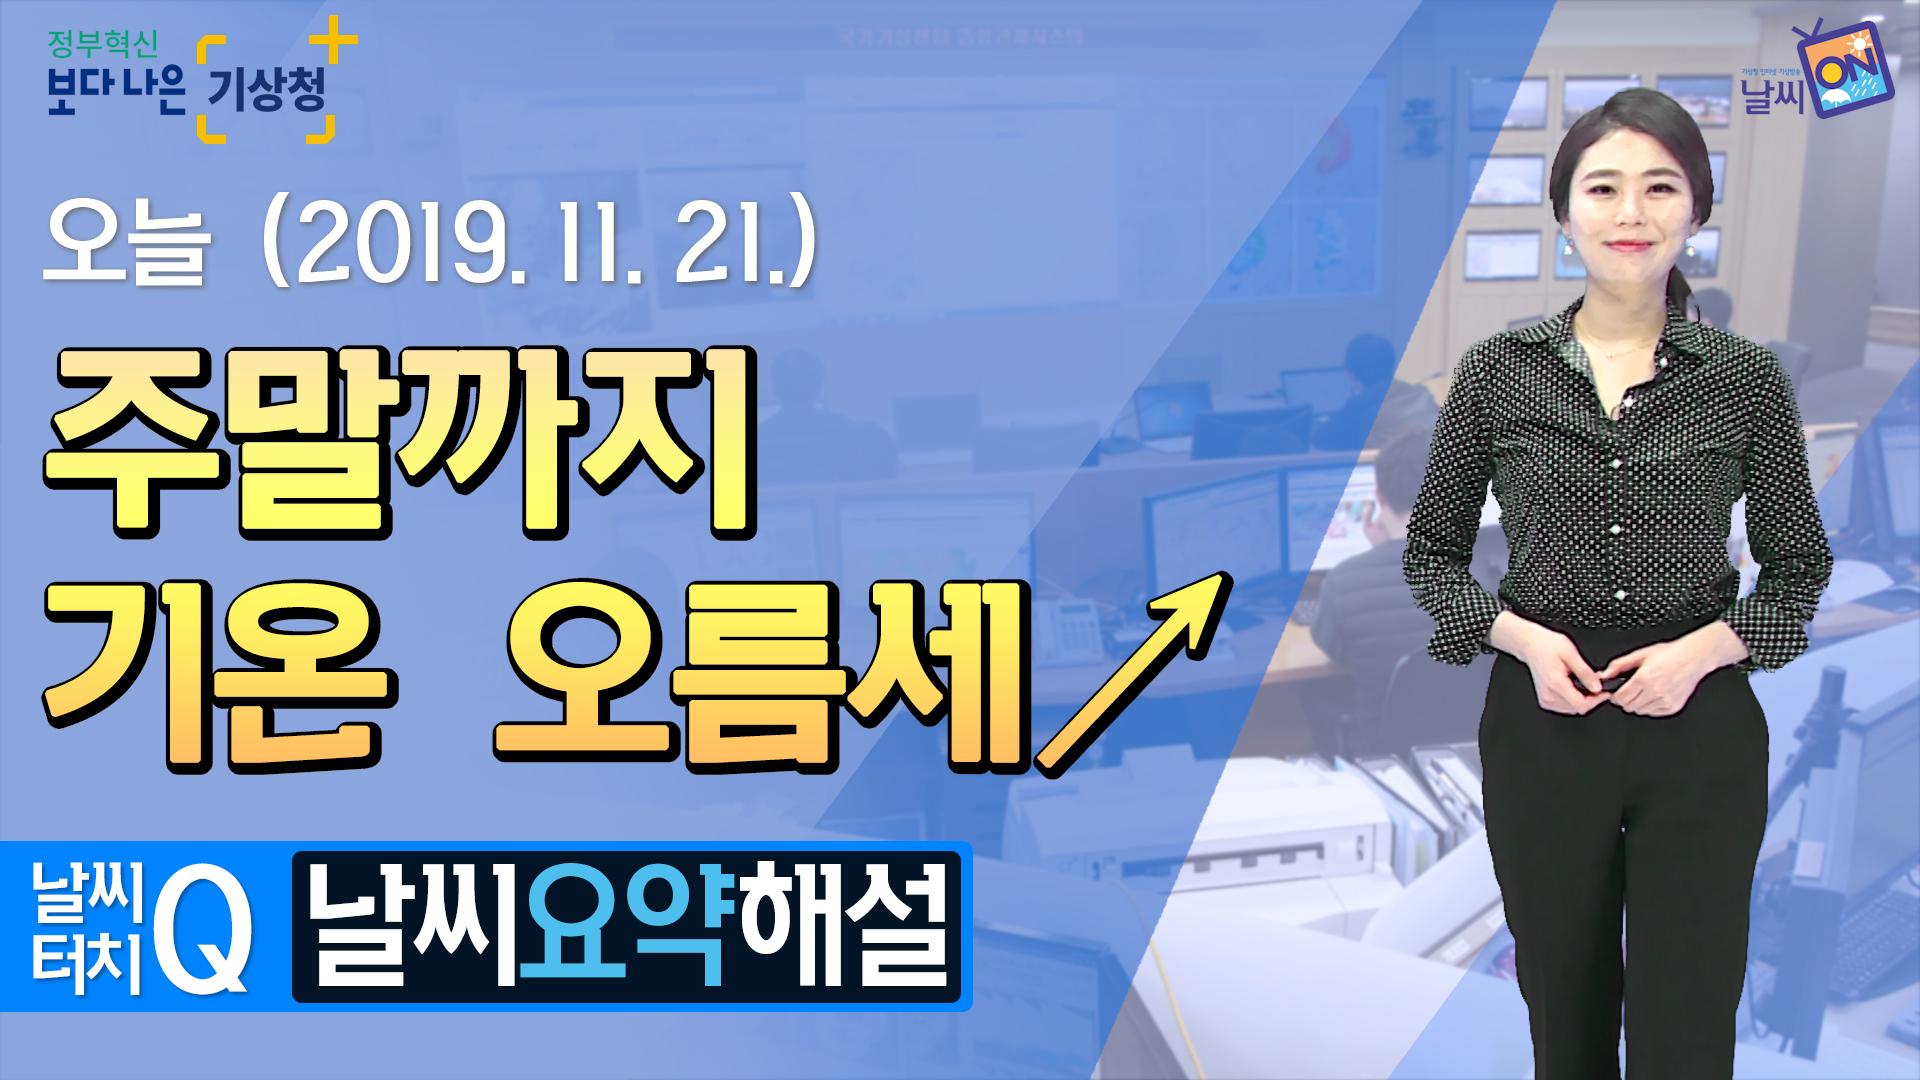 [10시] 11월 21일(목) 기온 점차 오름세↗, 가끔 구름많고, 큰 일교차